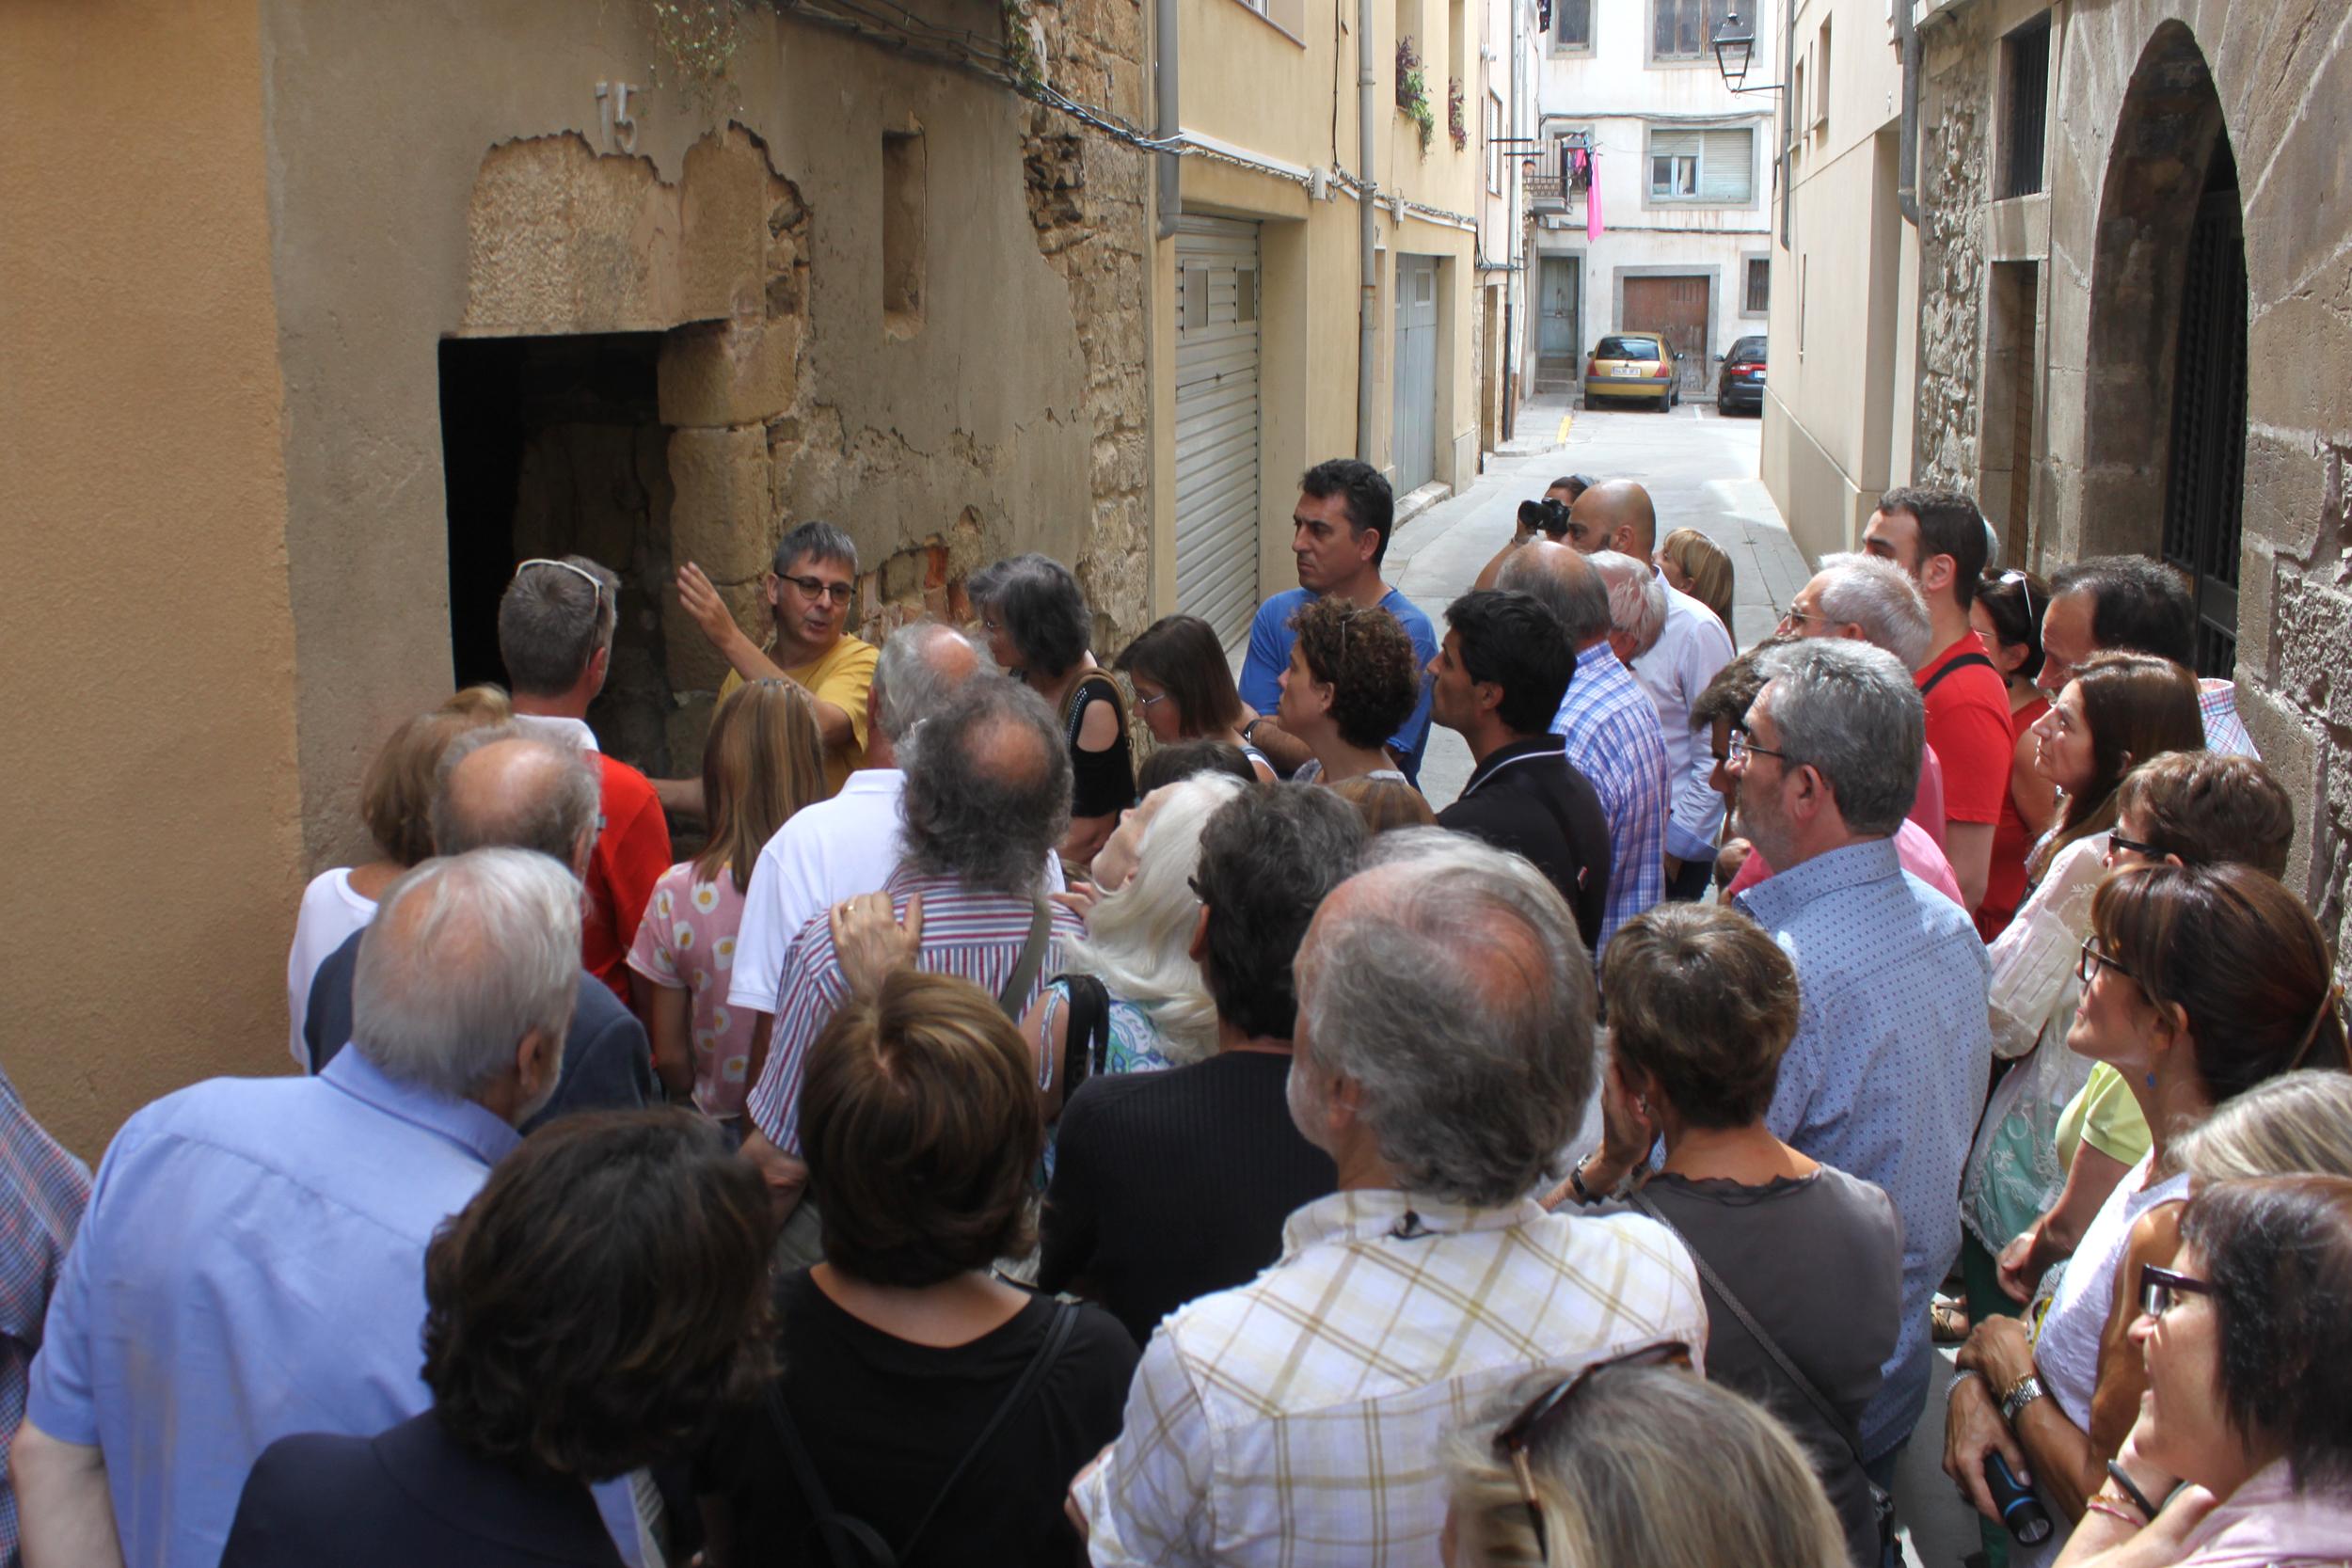 Tàrrega  posa en valor el patrimoni jueu de la vila medieval amb una visita guiada al Museu Comarcal de l'Urgell i a racons del call